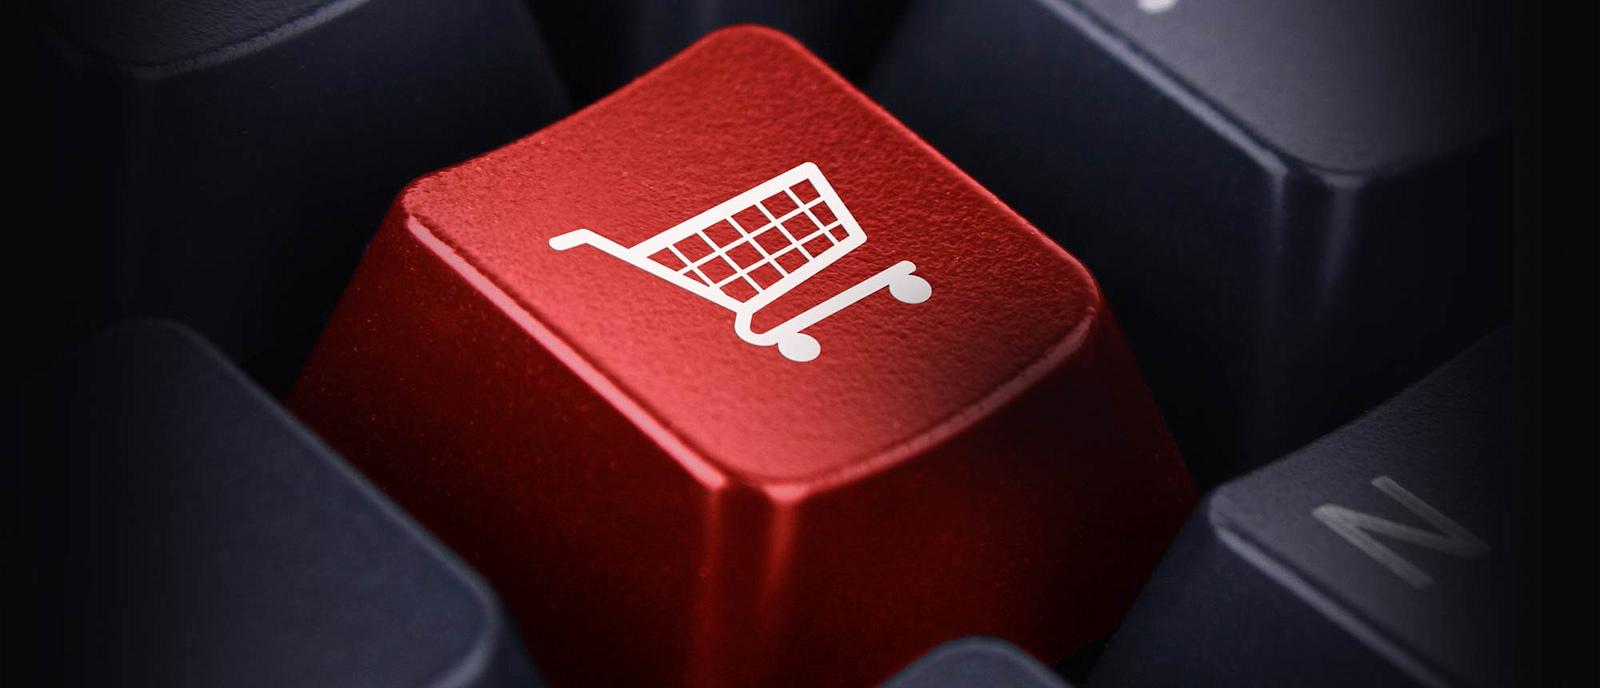 التجارة الالكترونية ما هى ؟ و لماذا يجب عليك التعرف عليها ؟